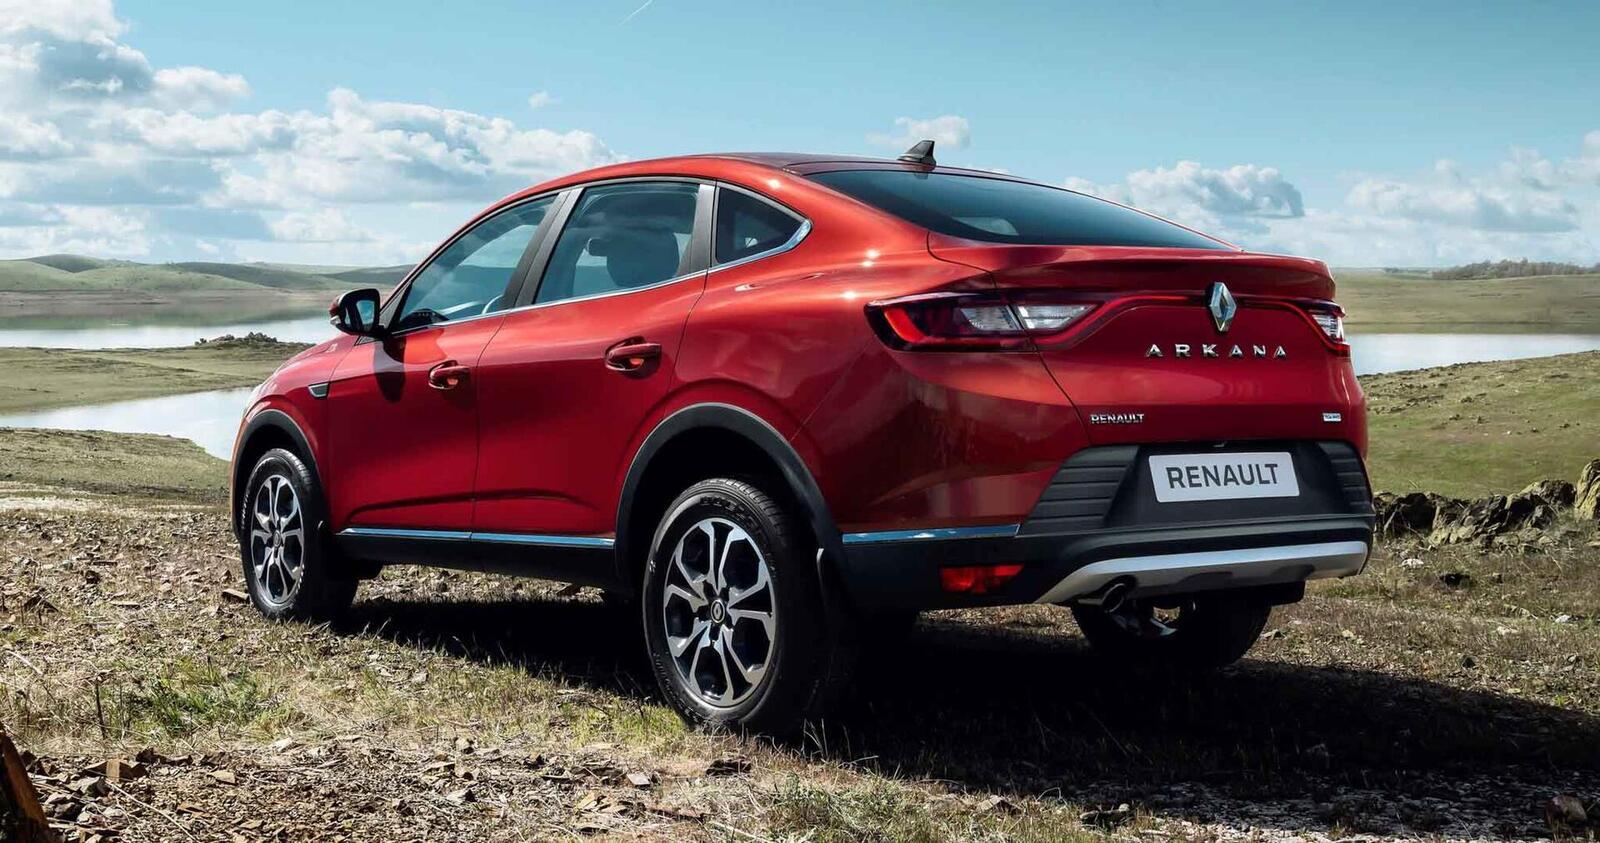 Renault giới thiệu Arkana mới: SUV Coupe mang thiết kế tương tự BMW X6 - Hình 7